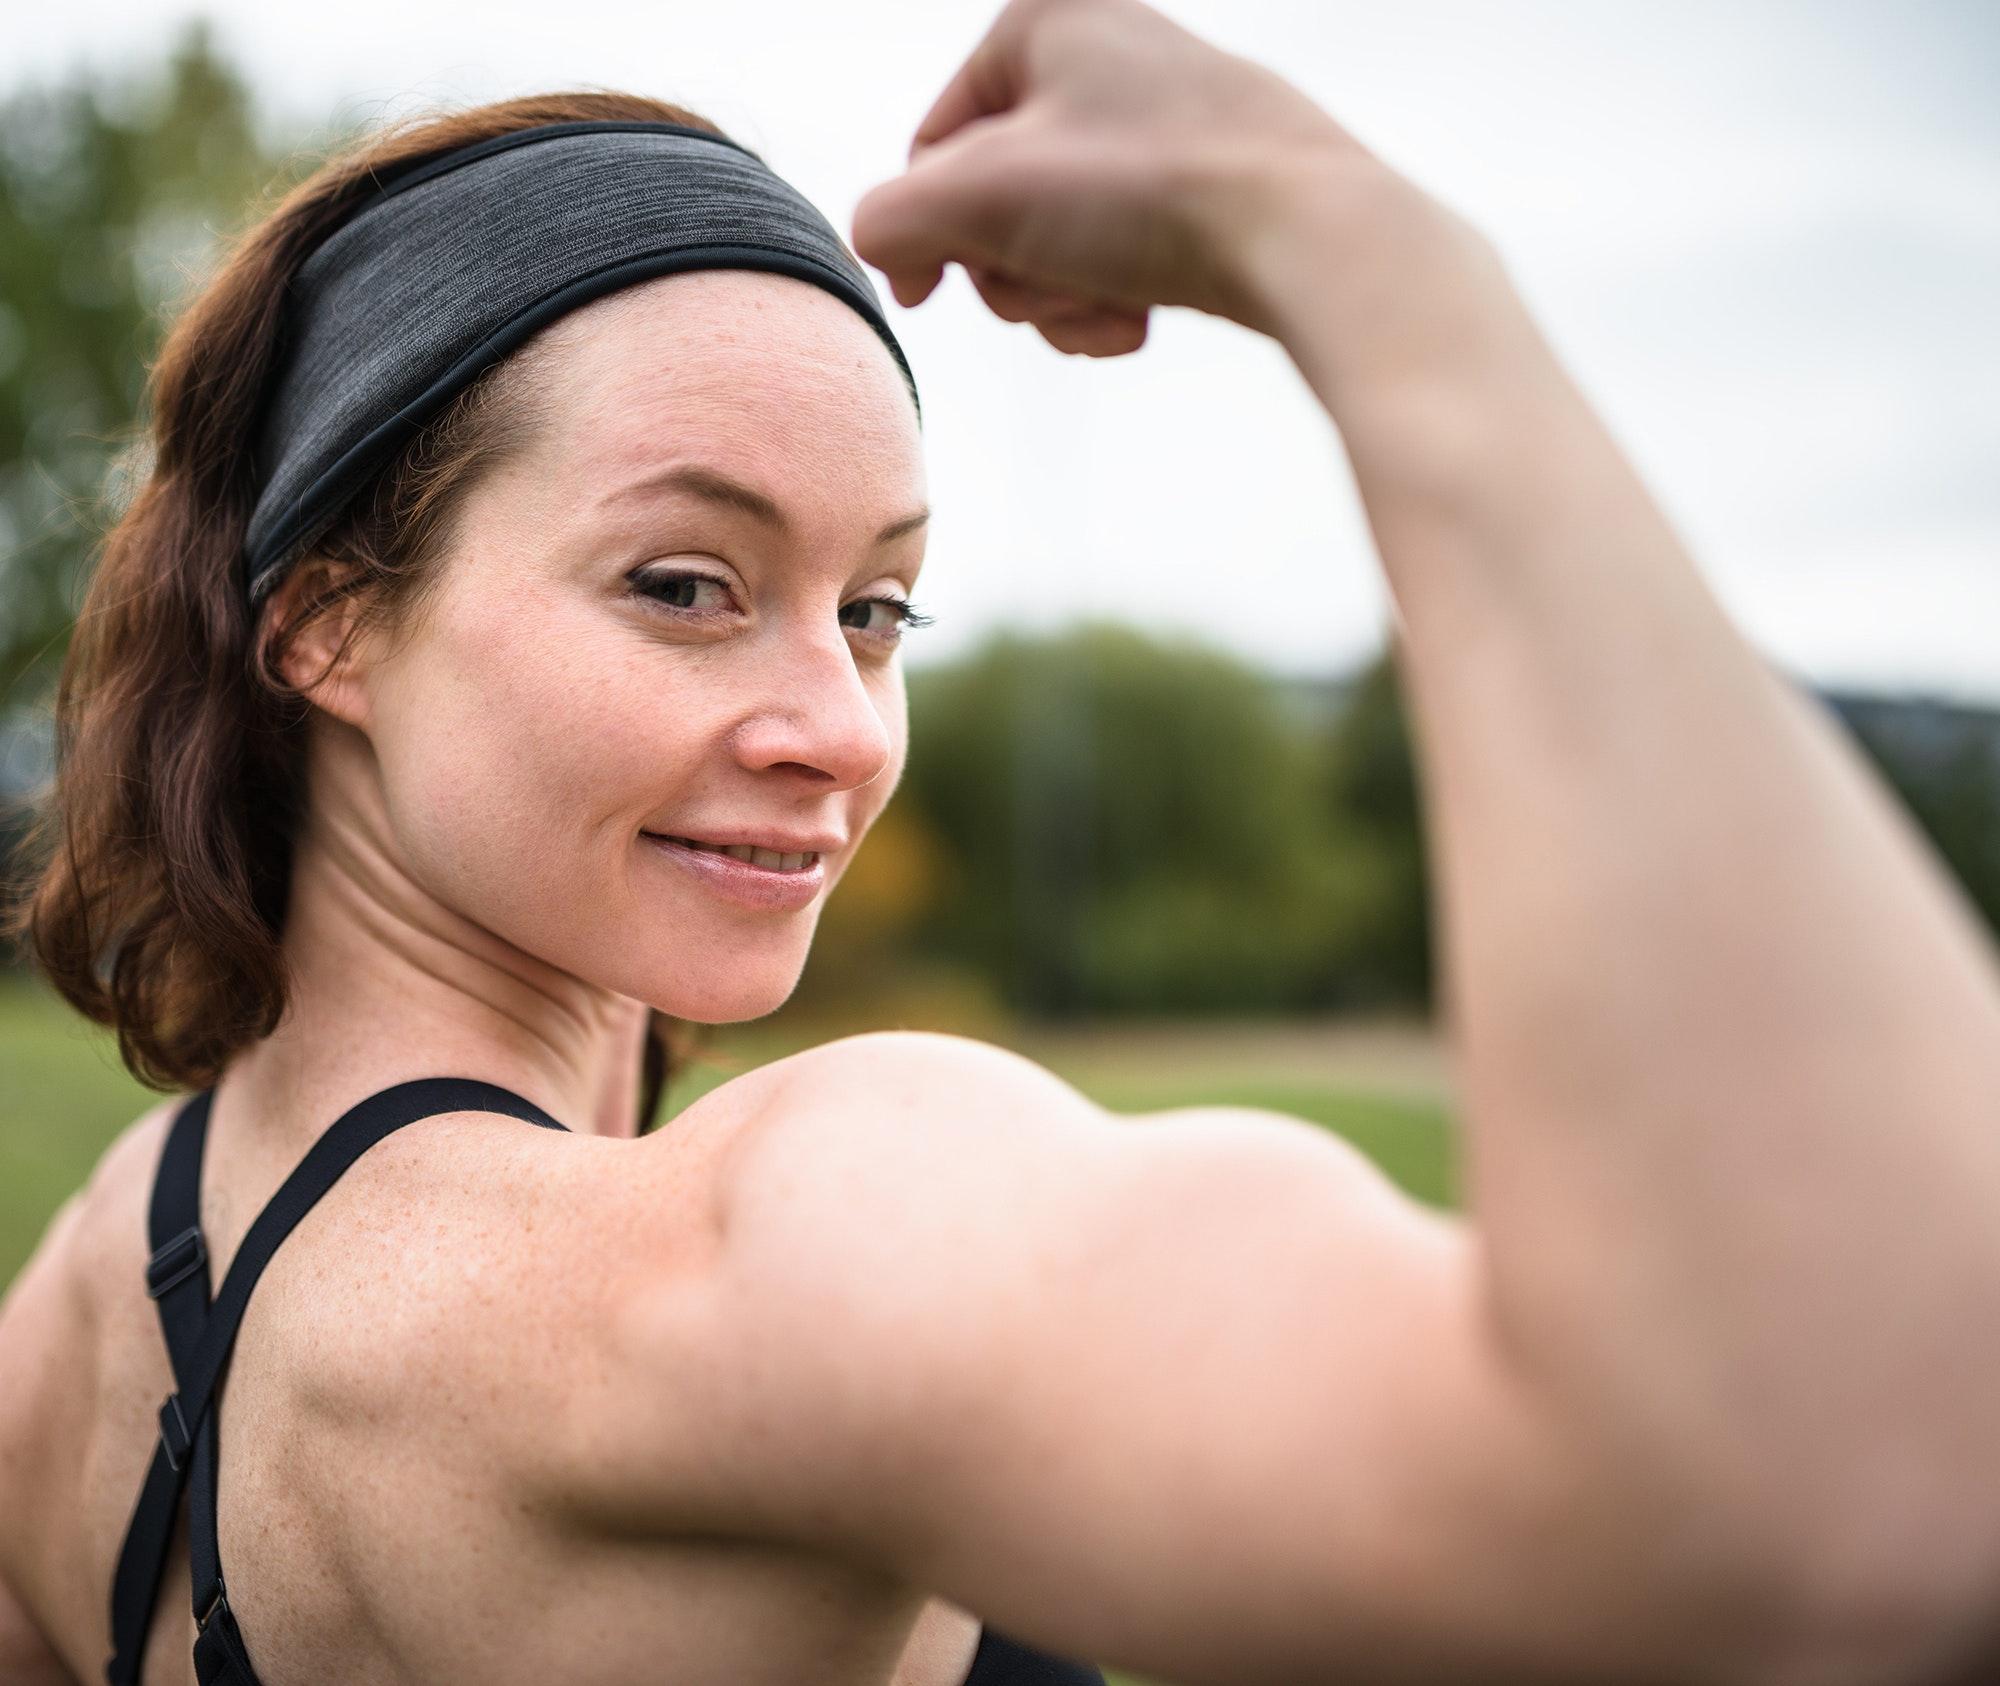 dieta para ganar peso y masa muscular rapidamente